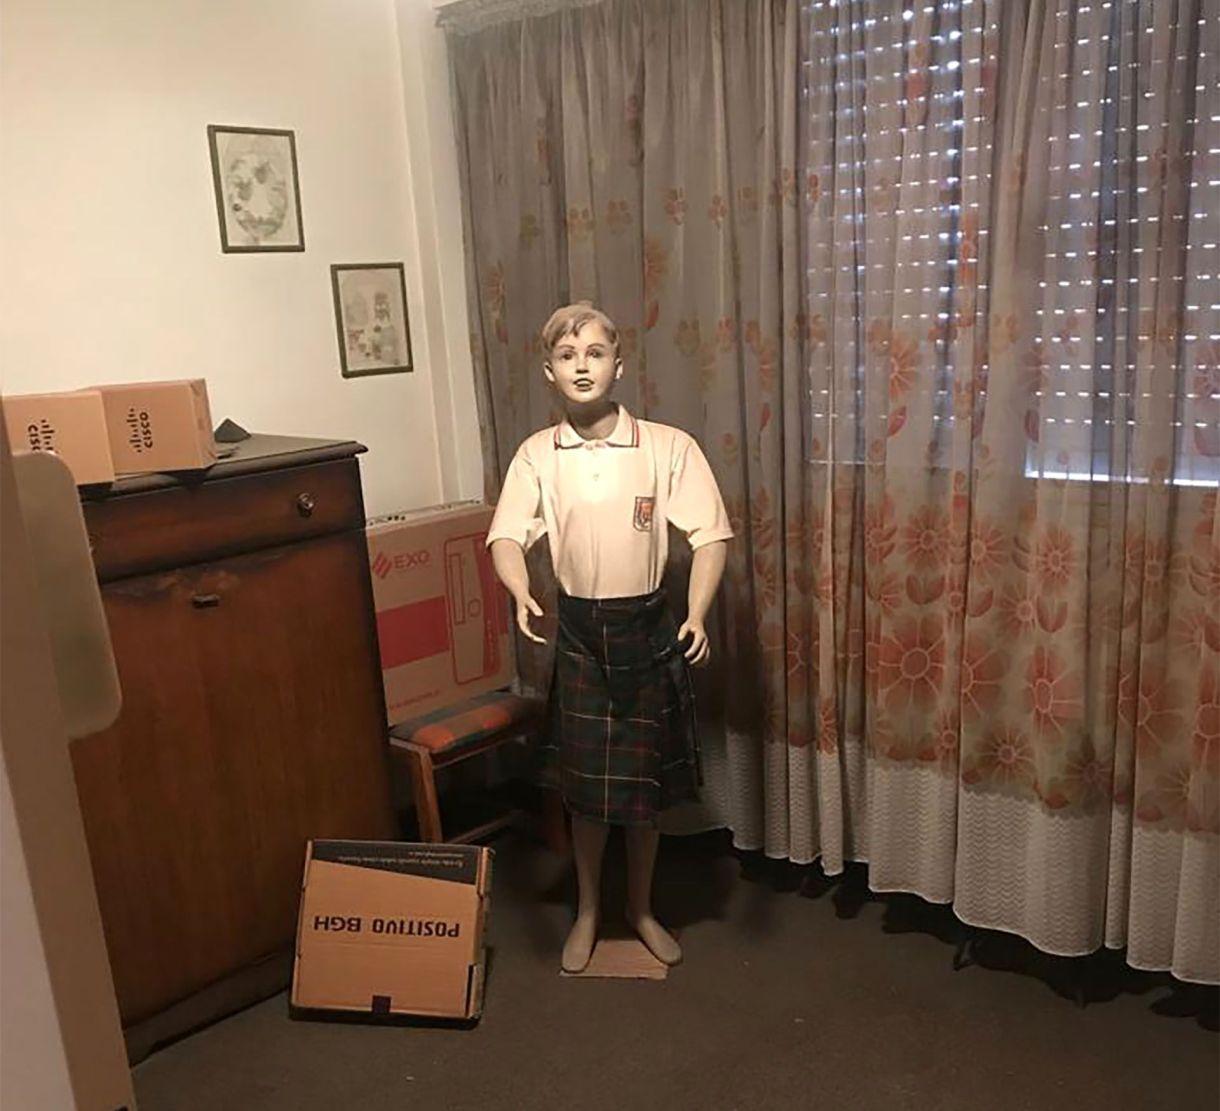 El maniquí con ropa escolar: jumper de nena.